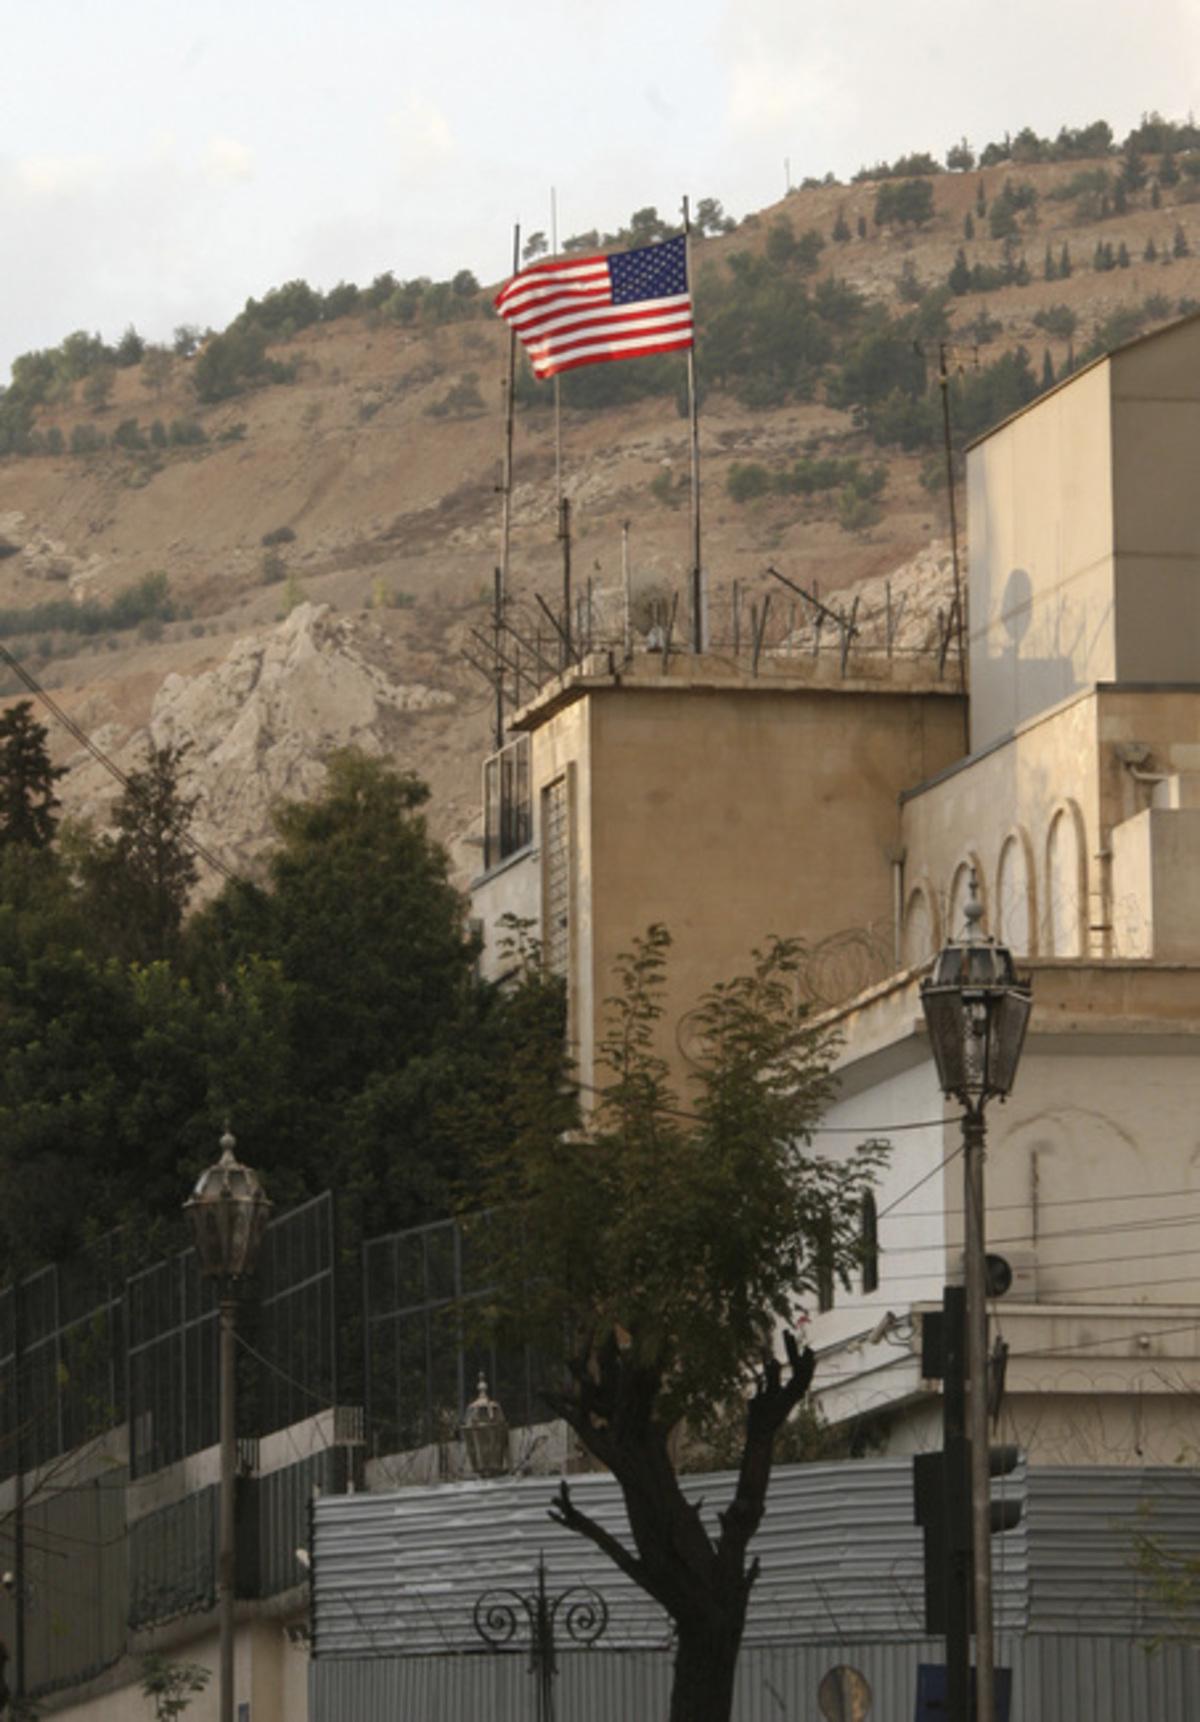 Νέος πρέσβης στη Συρία μετά από…4 χρόνια απουσίας | Newsit.gr